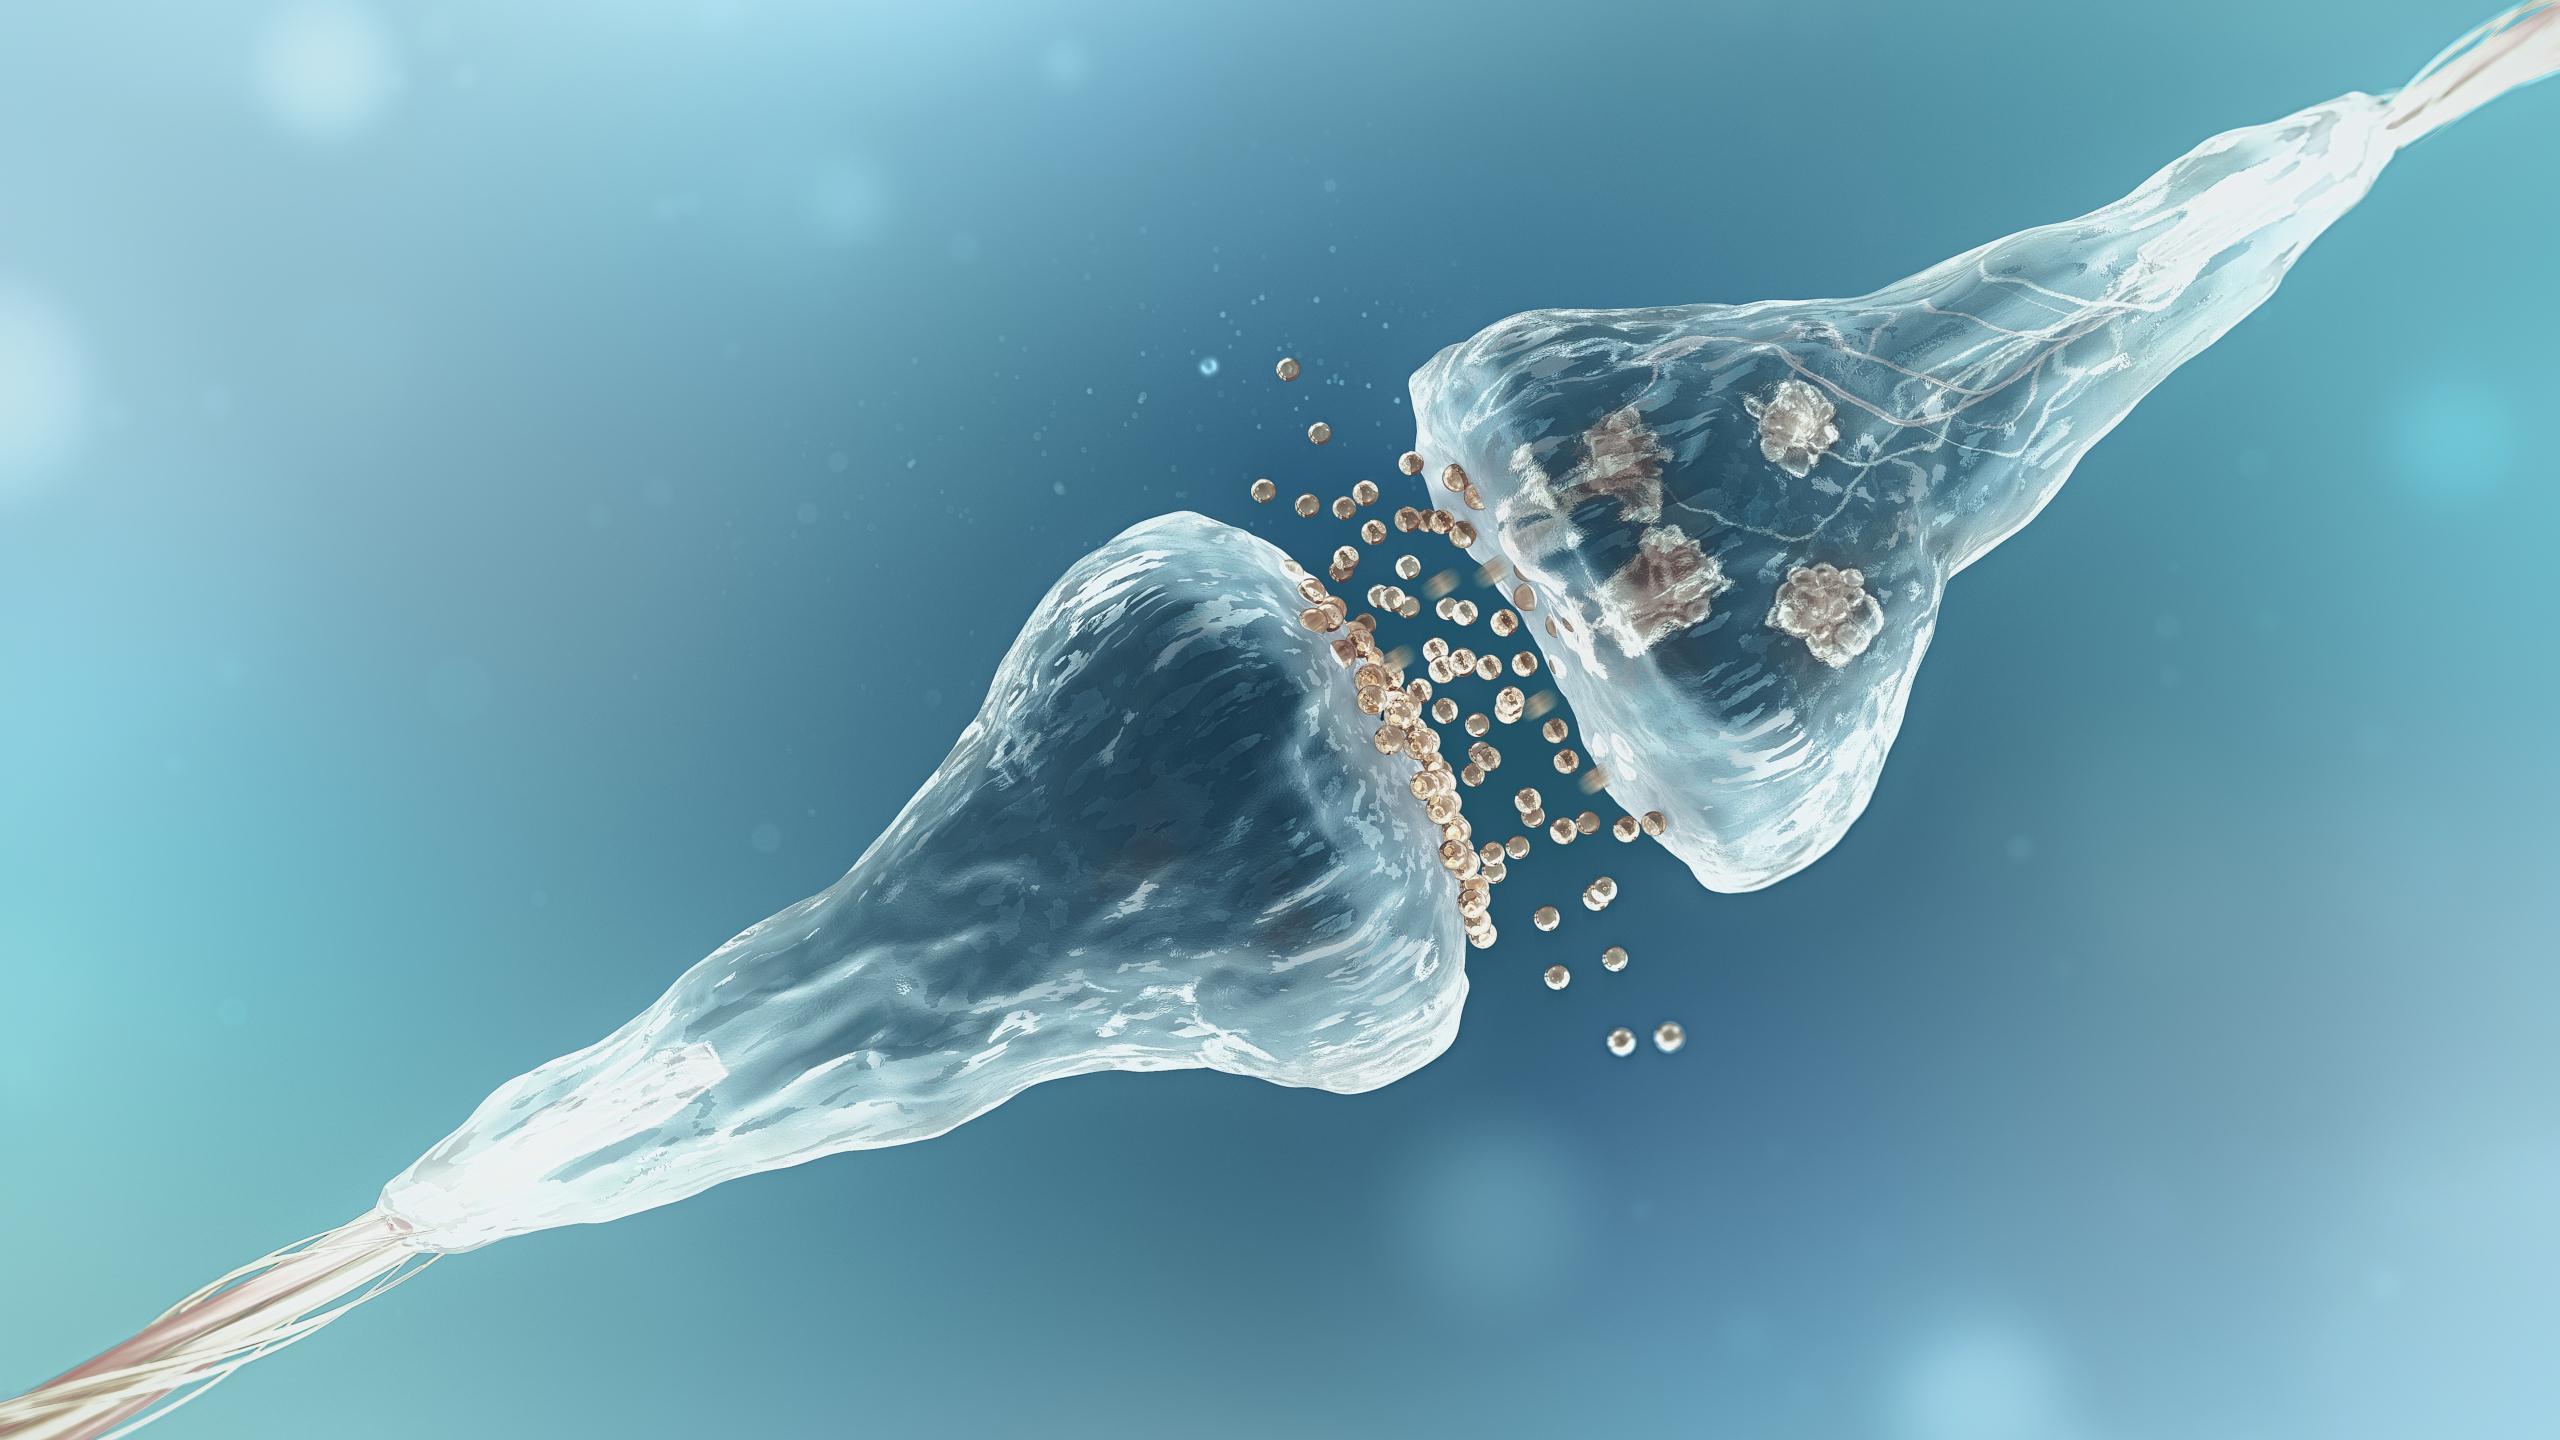 Перепрограммирование нейронов поможет бороться с болезнью Паркинсона